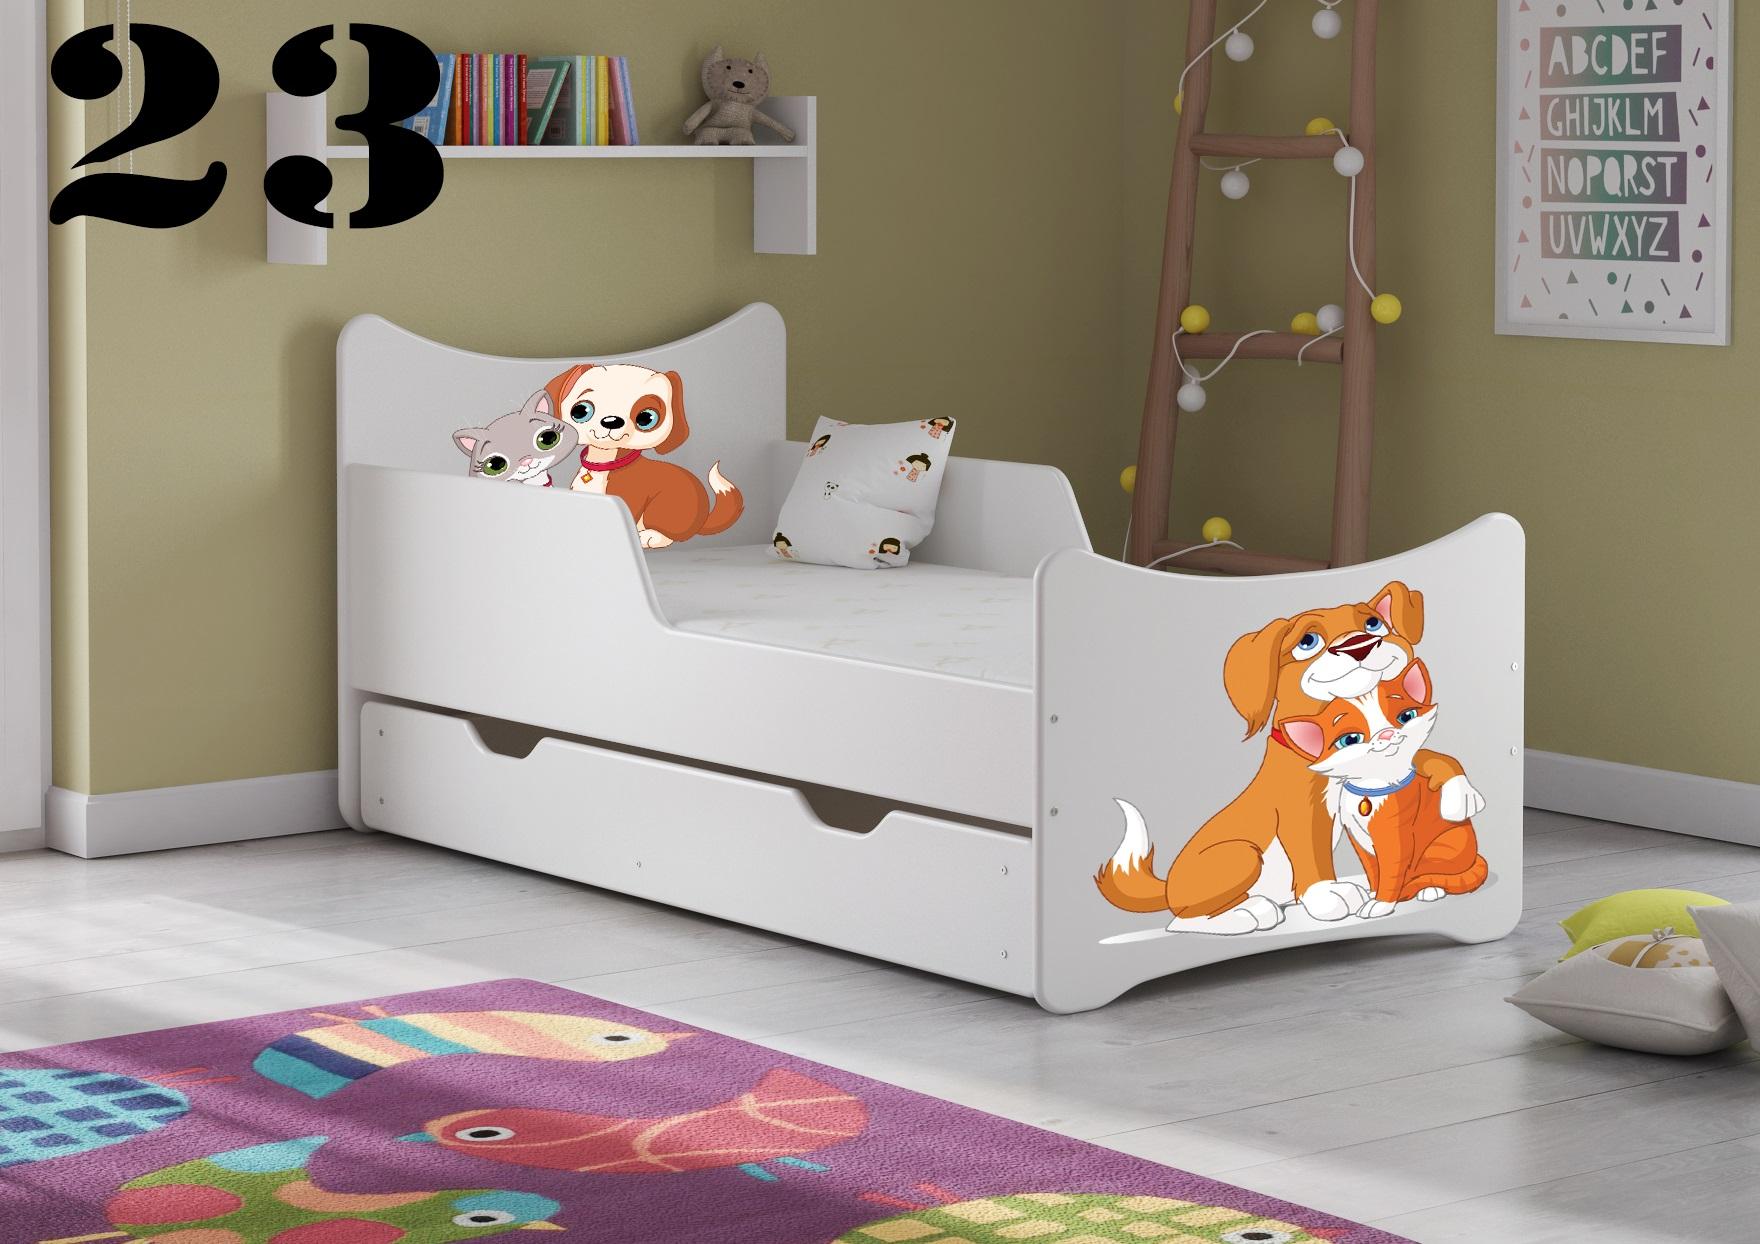 Detská posteľ SMB - zvieratá Prevedenie: Obrázok č.23